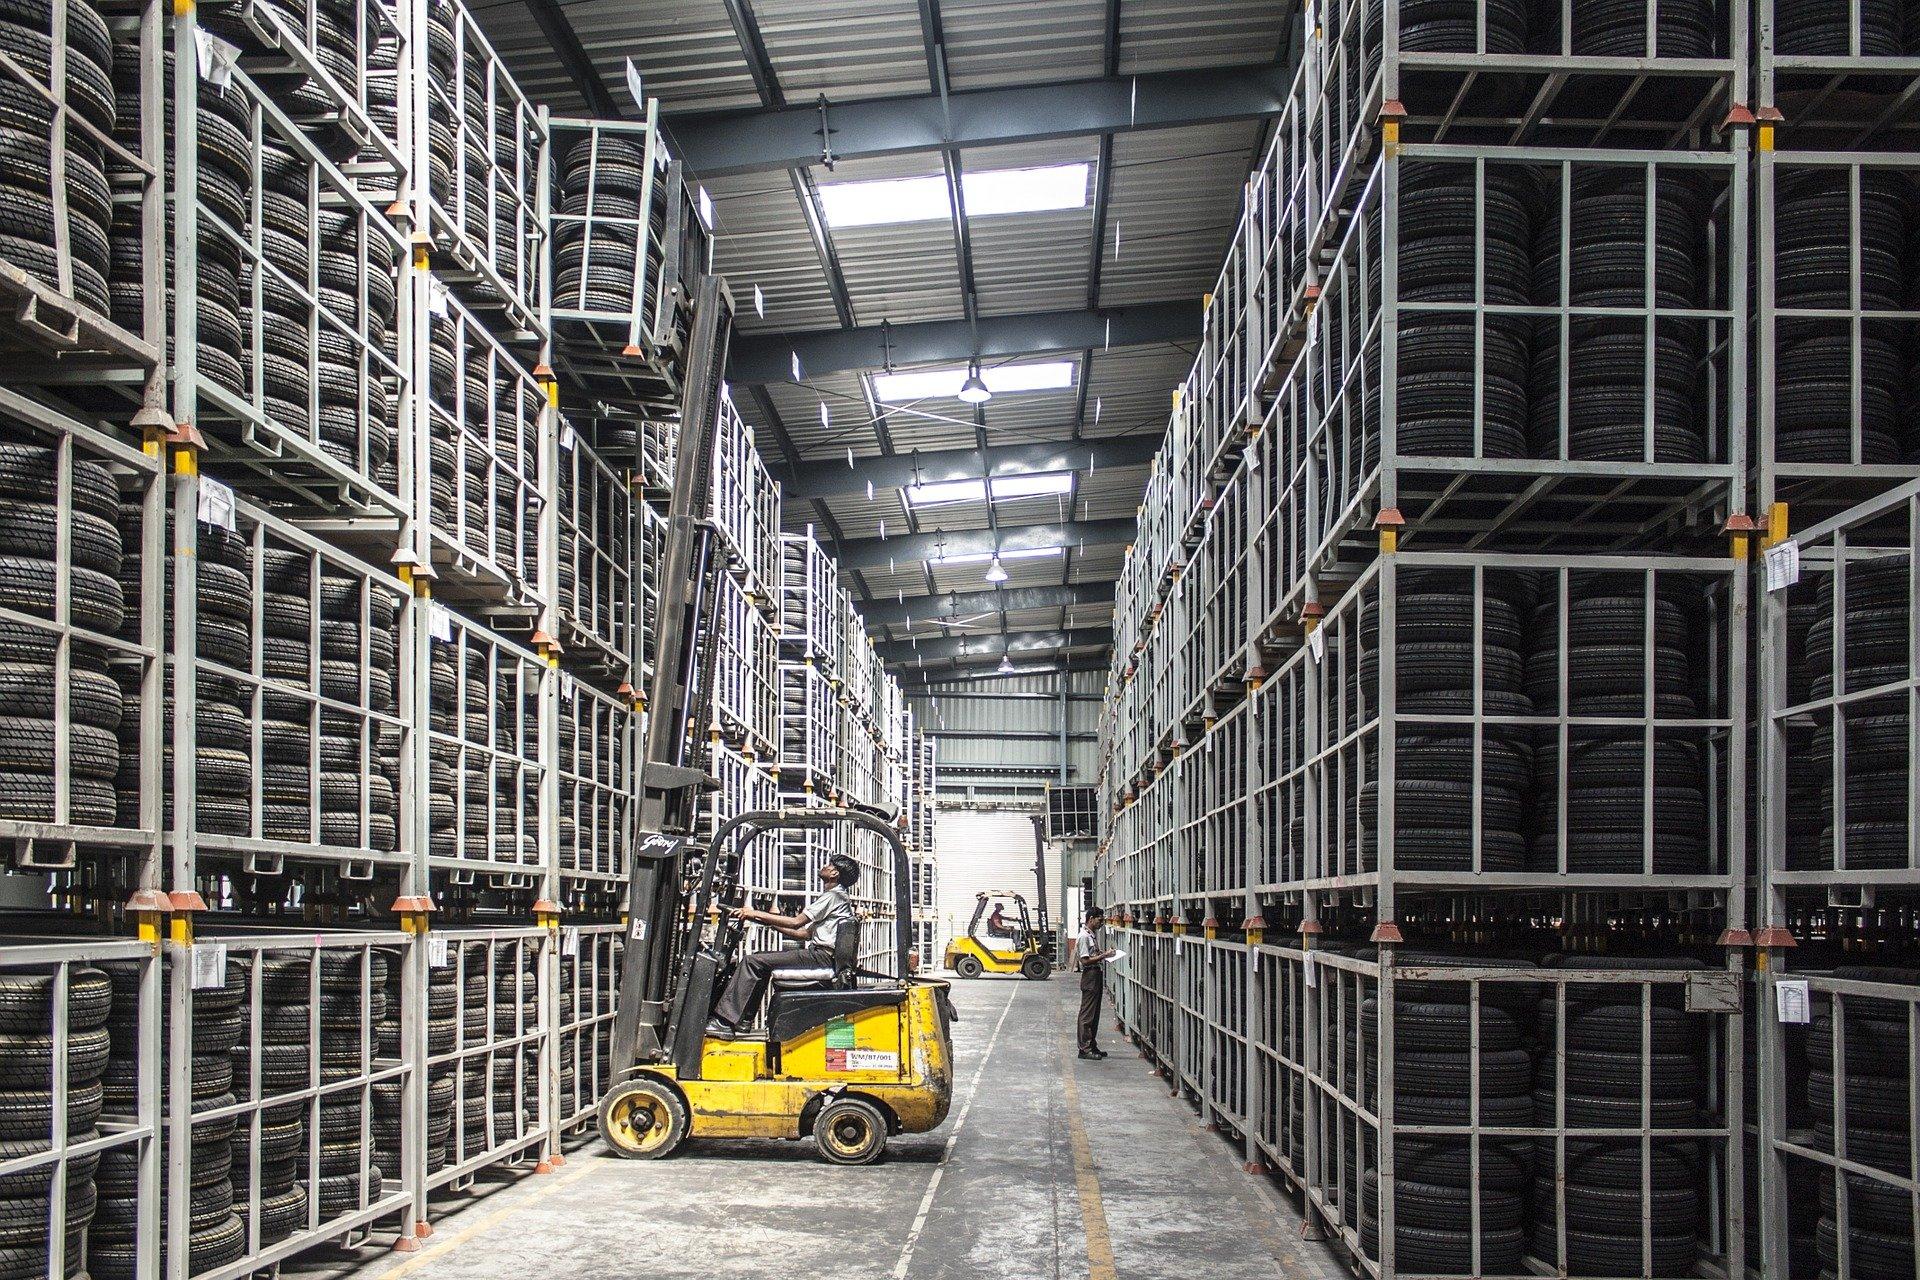 Ako vyznačiť podlahu vsklade, aby tam zavládol poriadok adistribúcia tovaru odsýpala